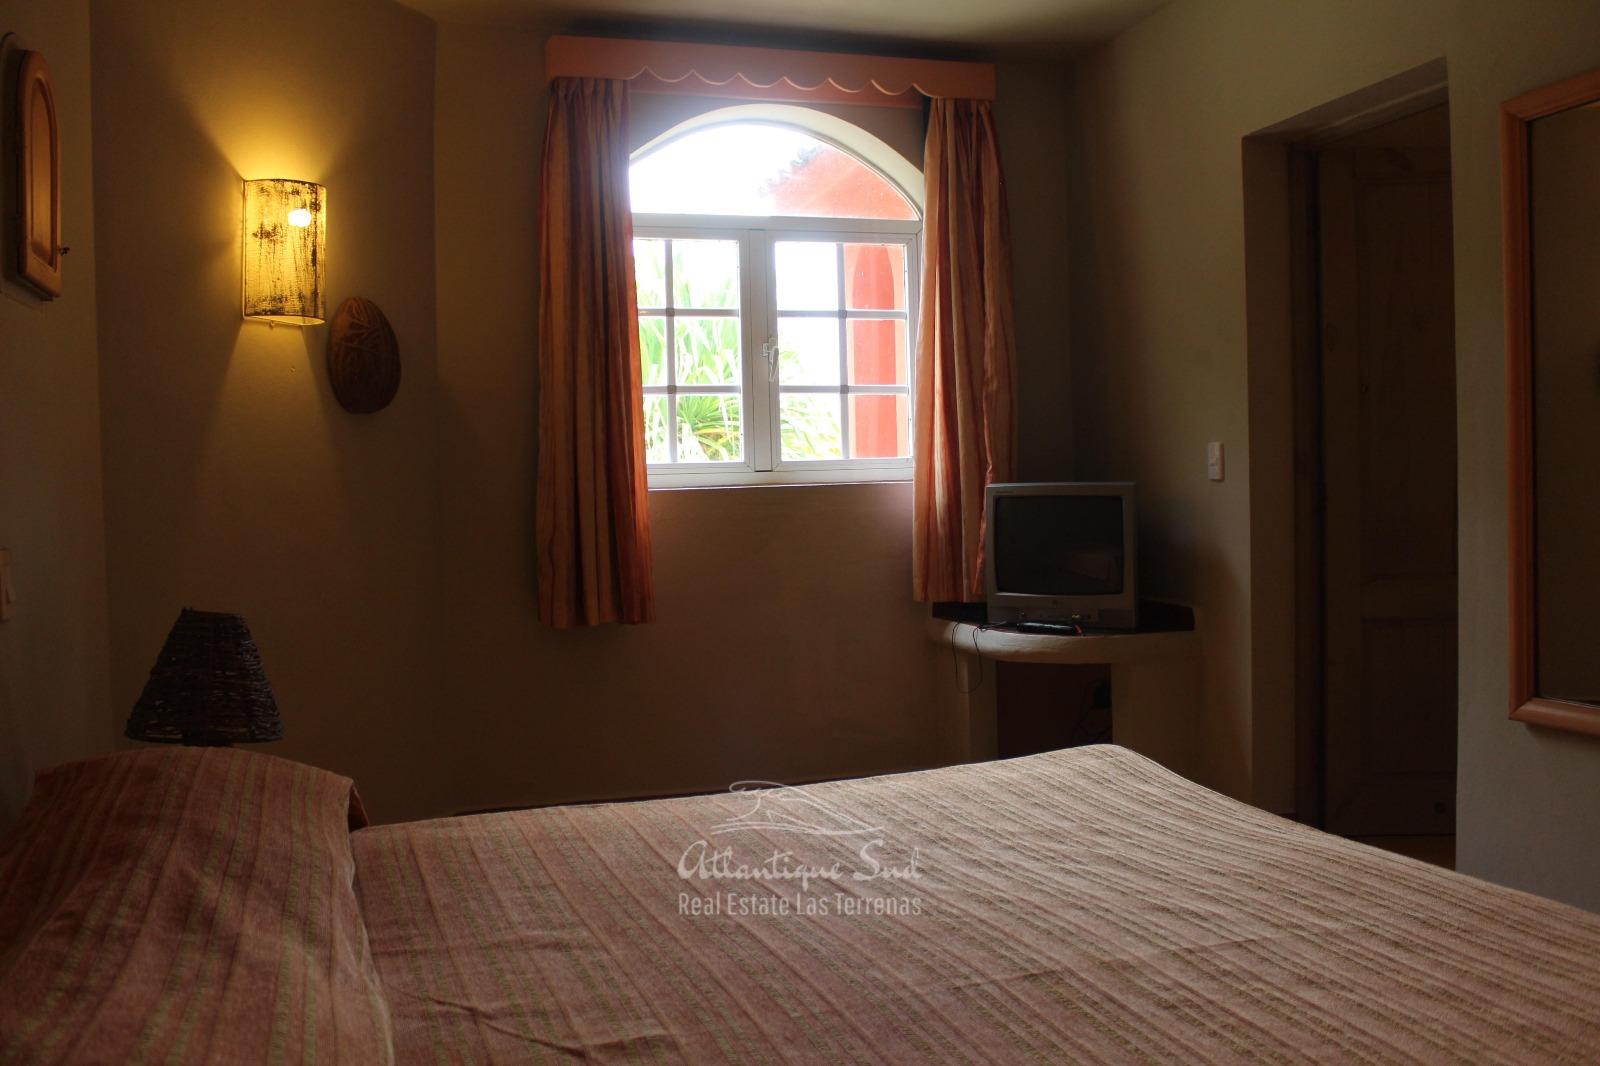 Mediterranean Condominiums for sale Real Estate Las Terrenas (8).jpeg